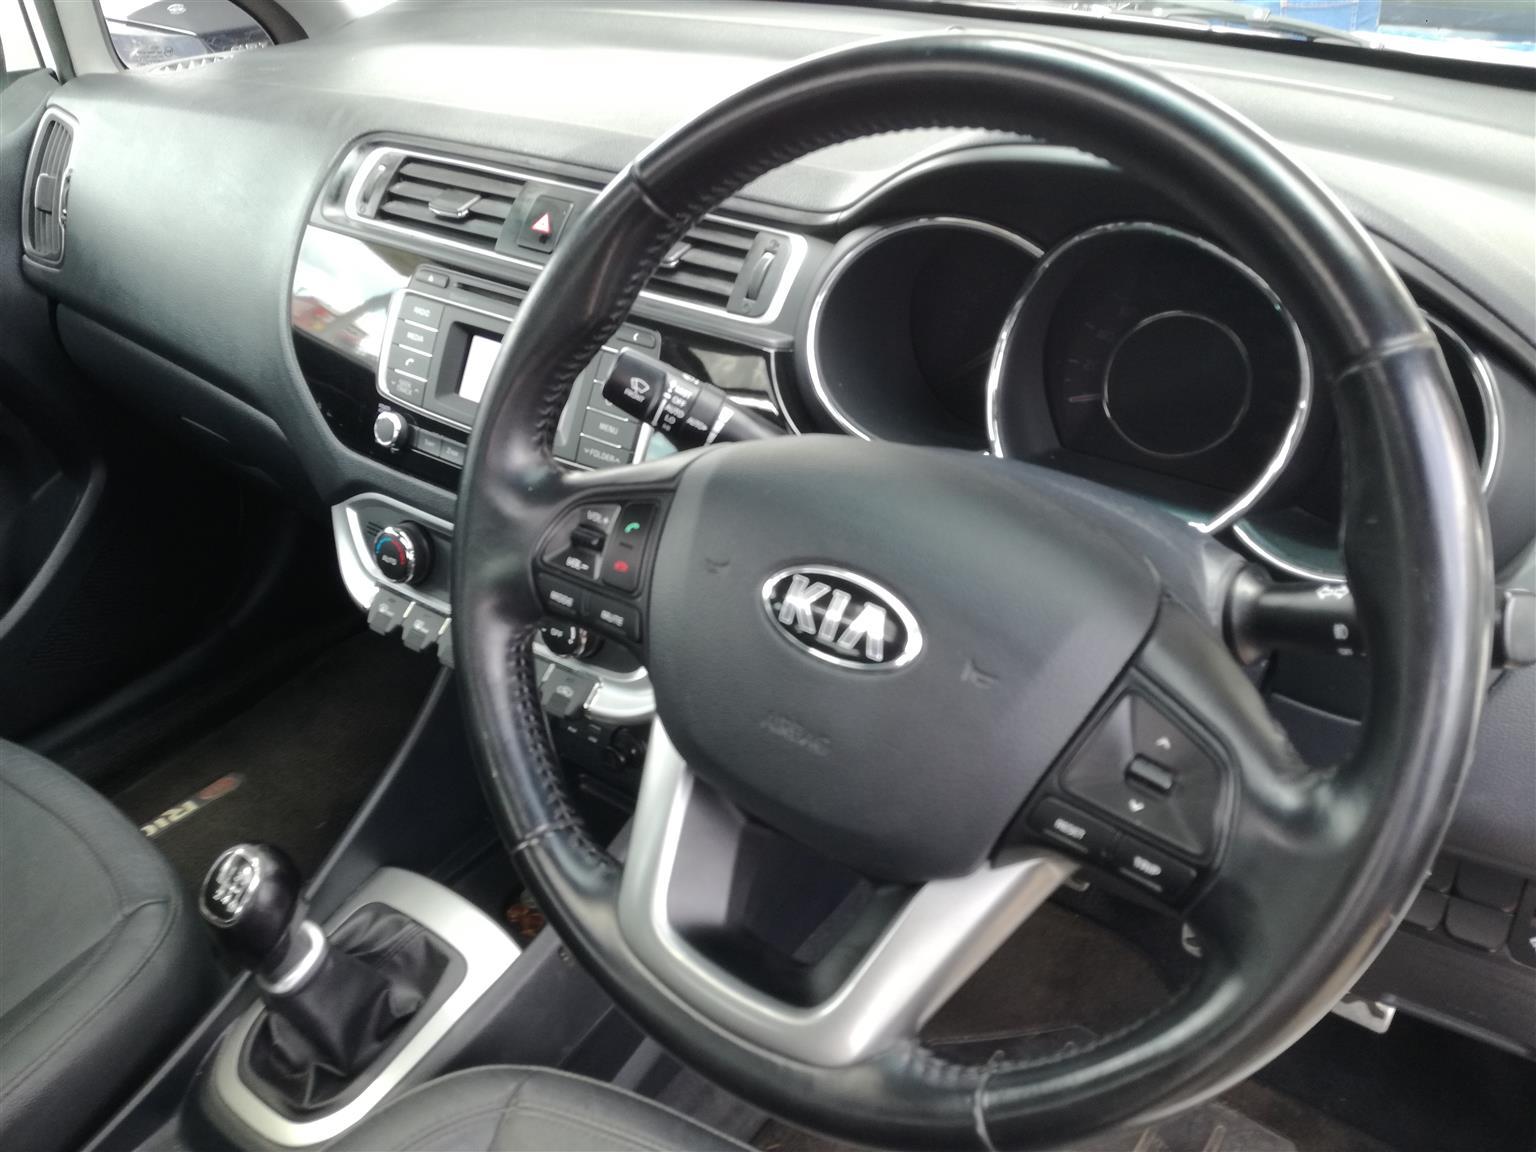 2015 Kia Rio sedan 1.4 Tec